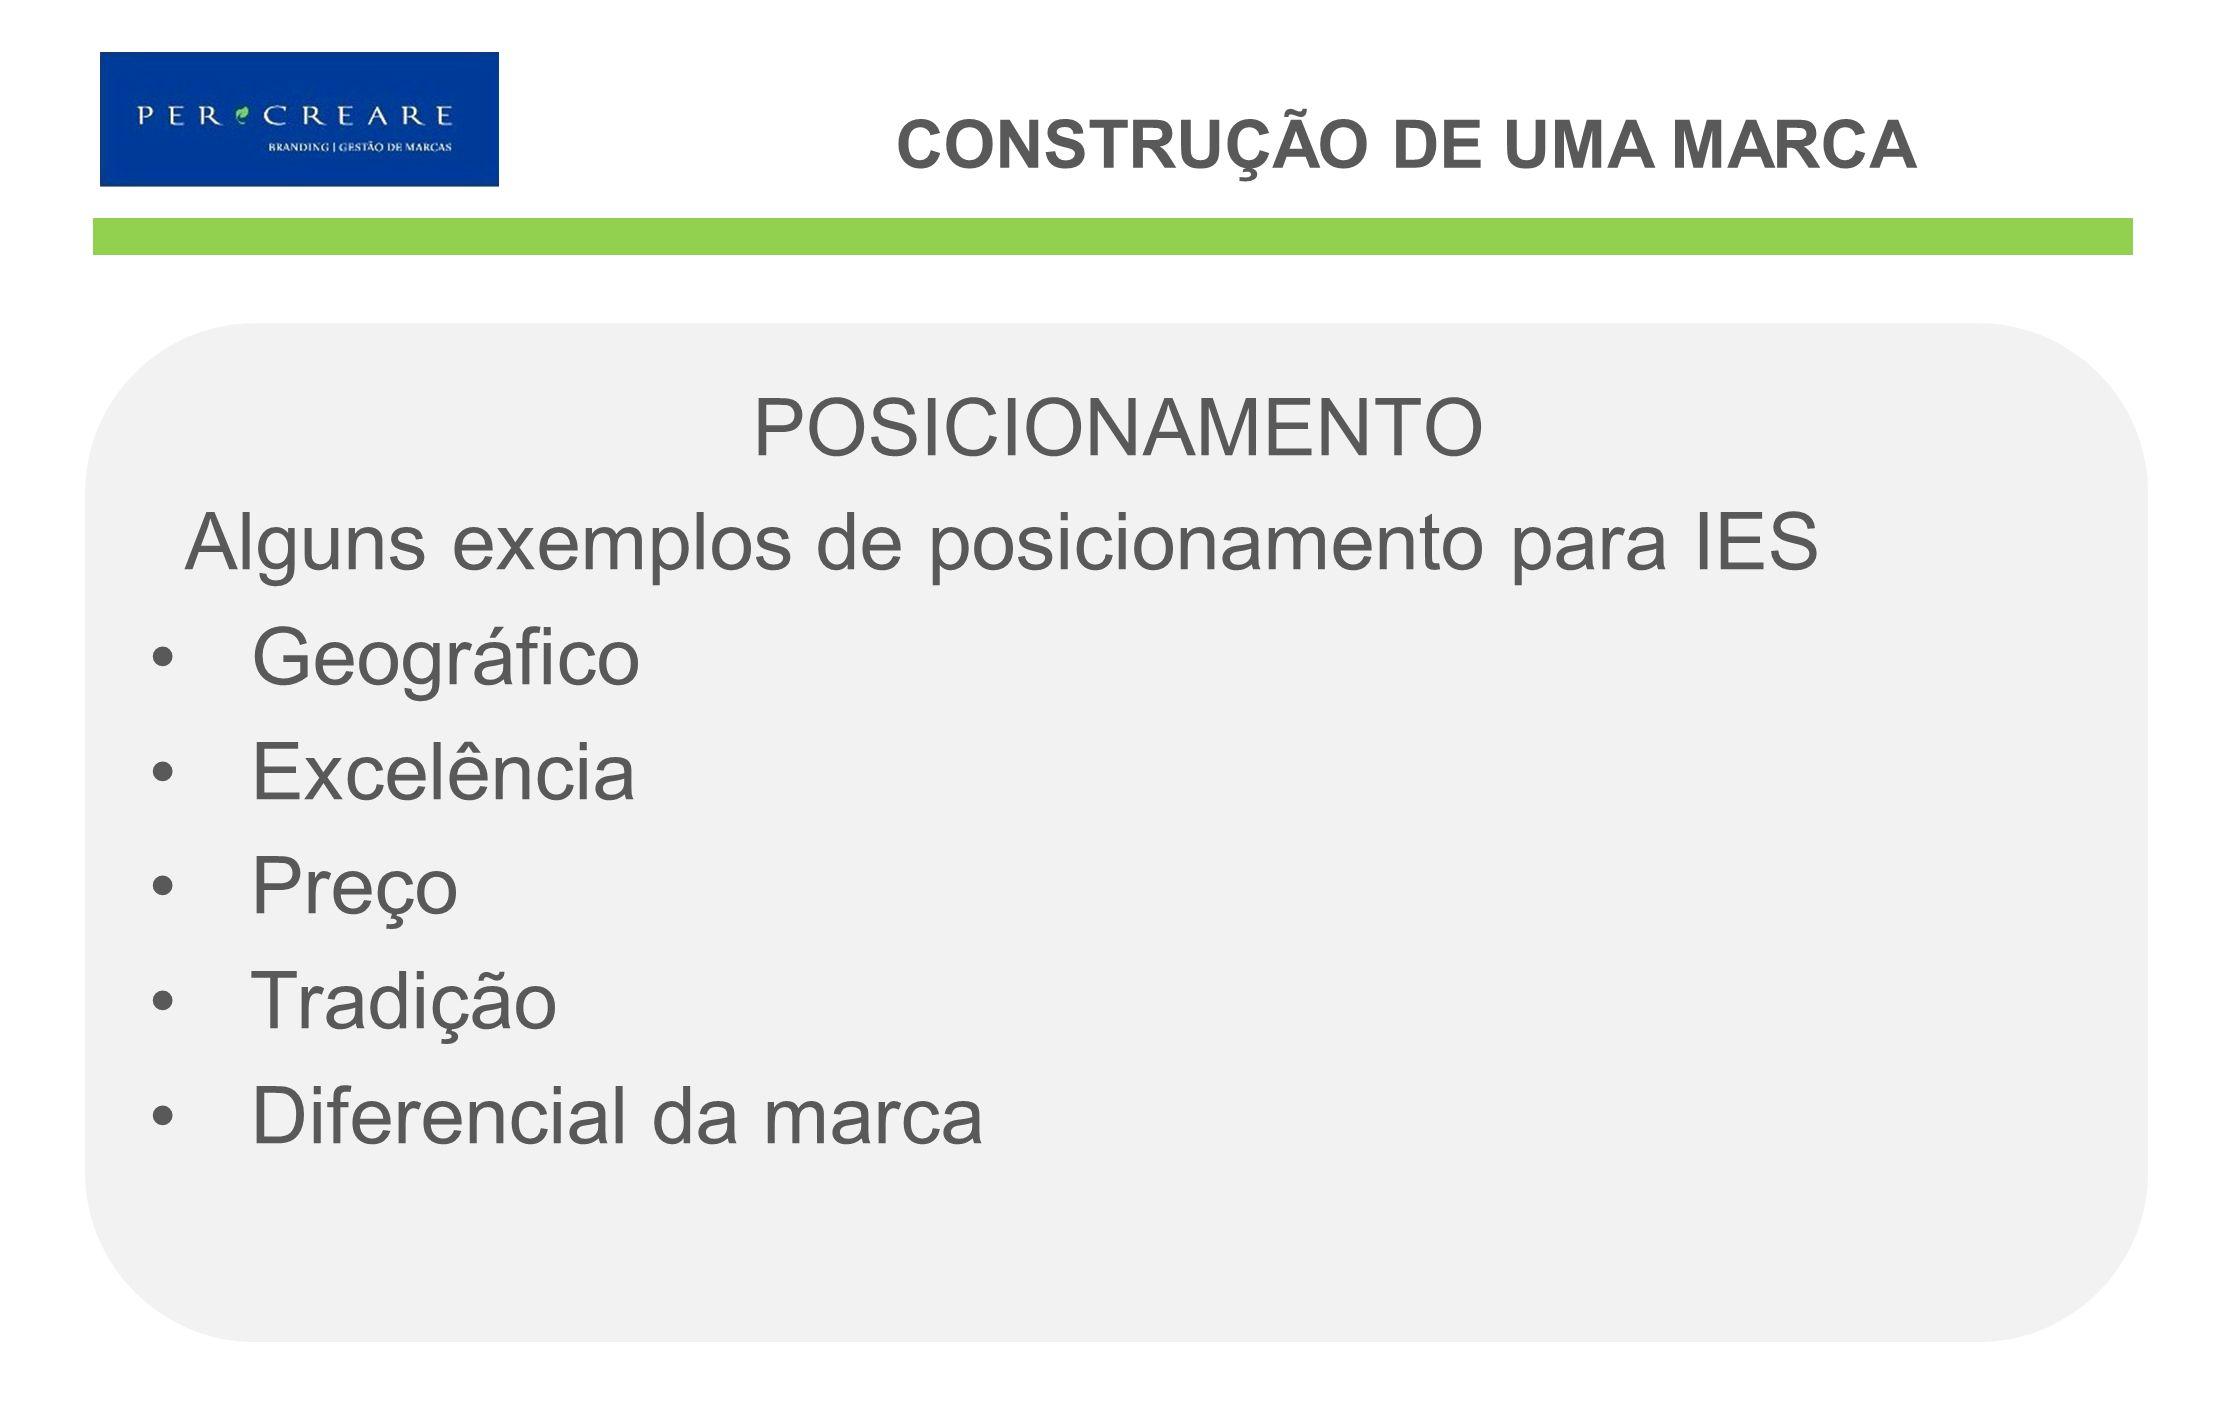 POSICIONAMENTO Alguns exemplos de posicionamento para IES Geográfico Excelência Preço Tradição Diferencial da marca CONSTRUÇÃO DE UMA MARCA